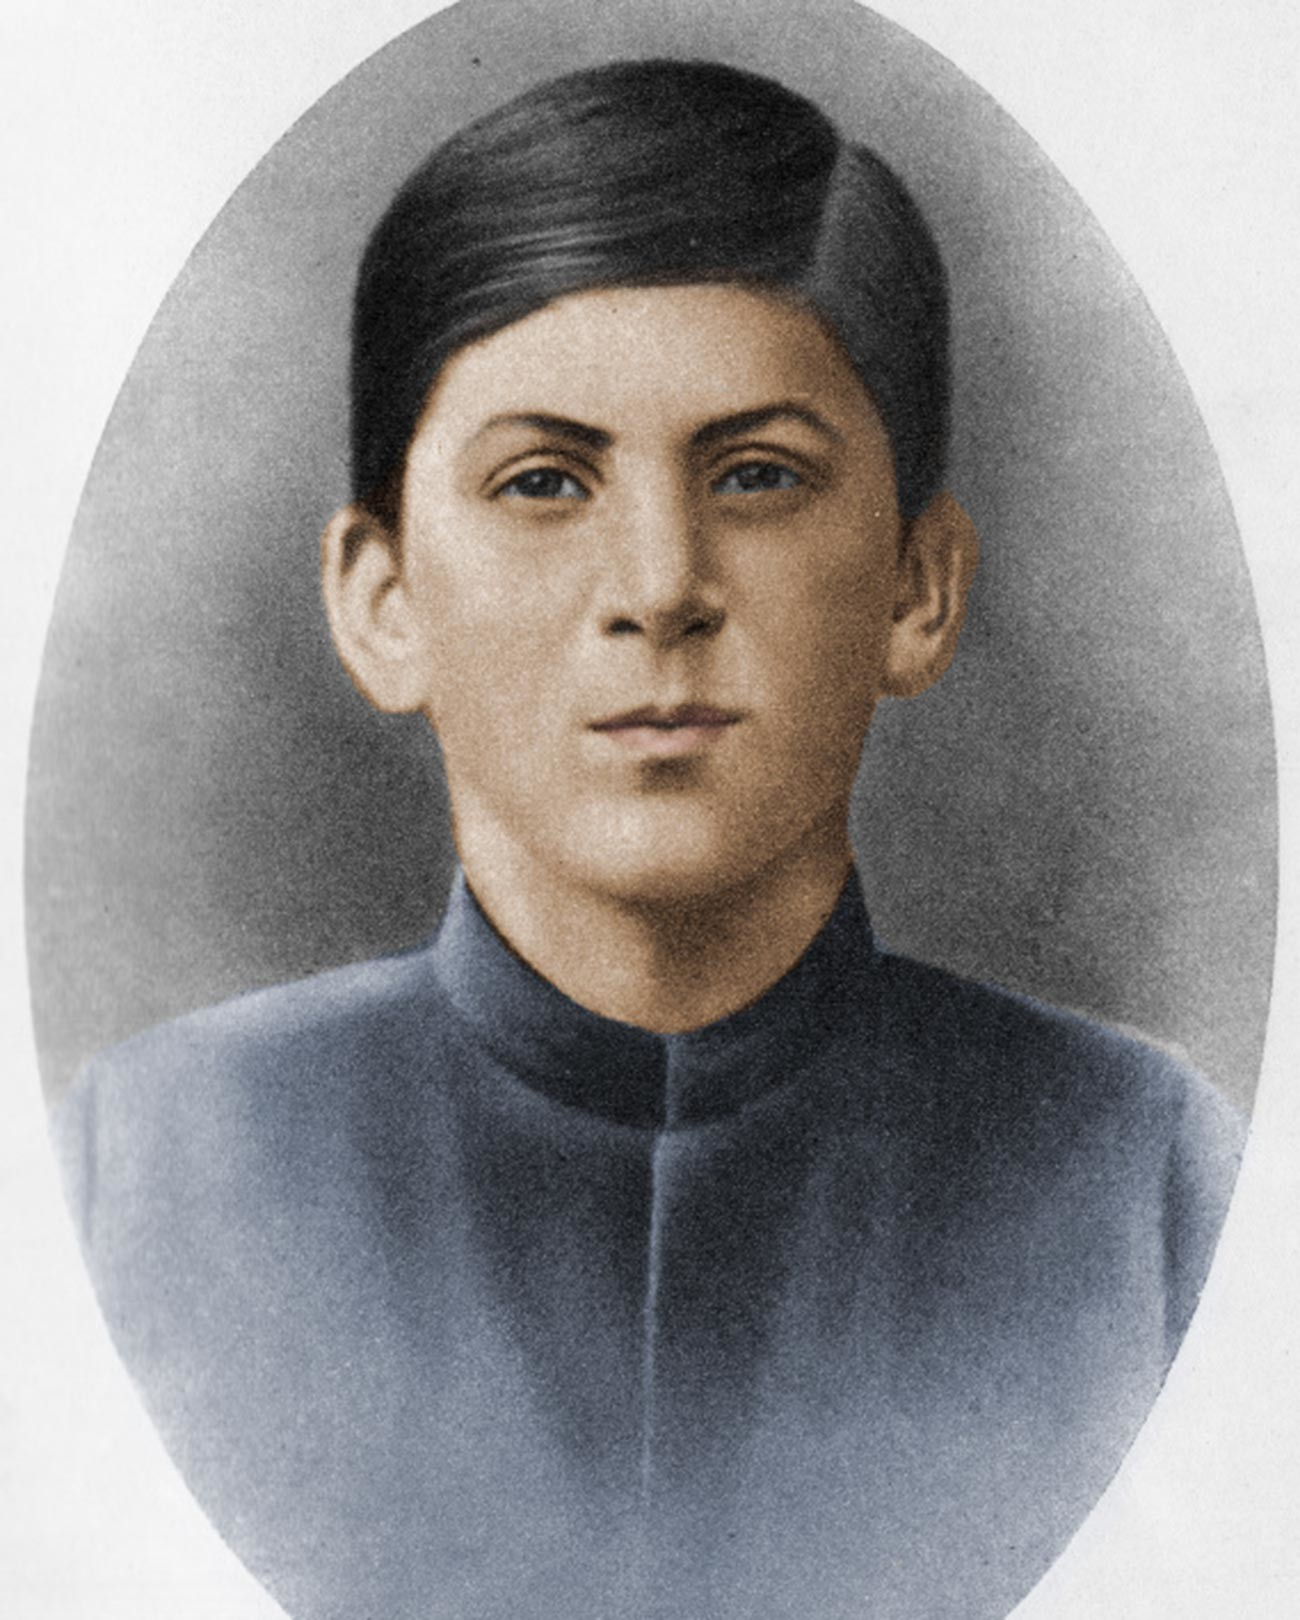 スターリン、1894年